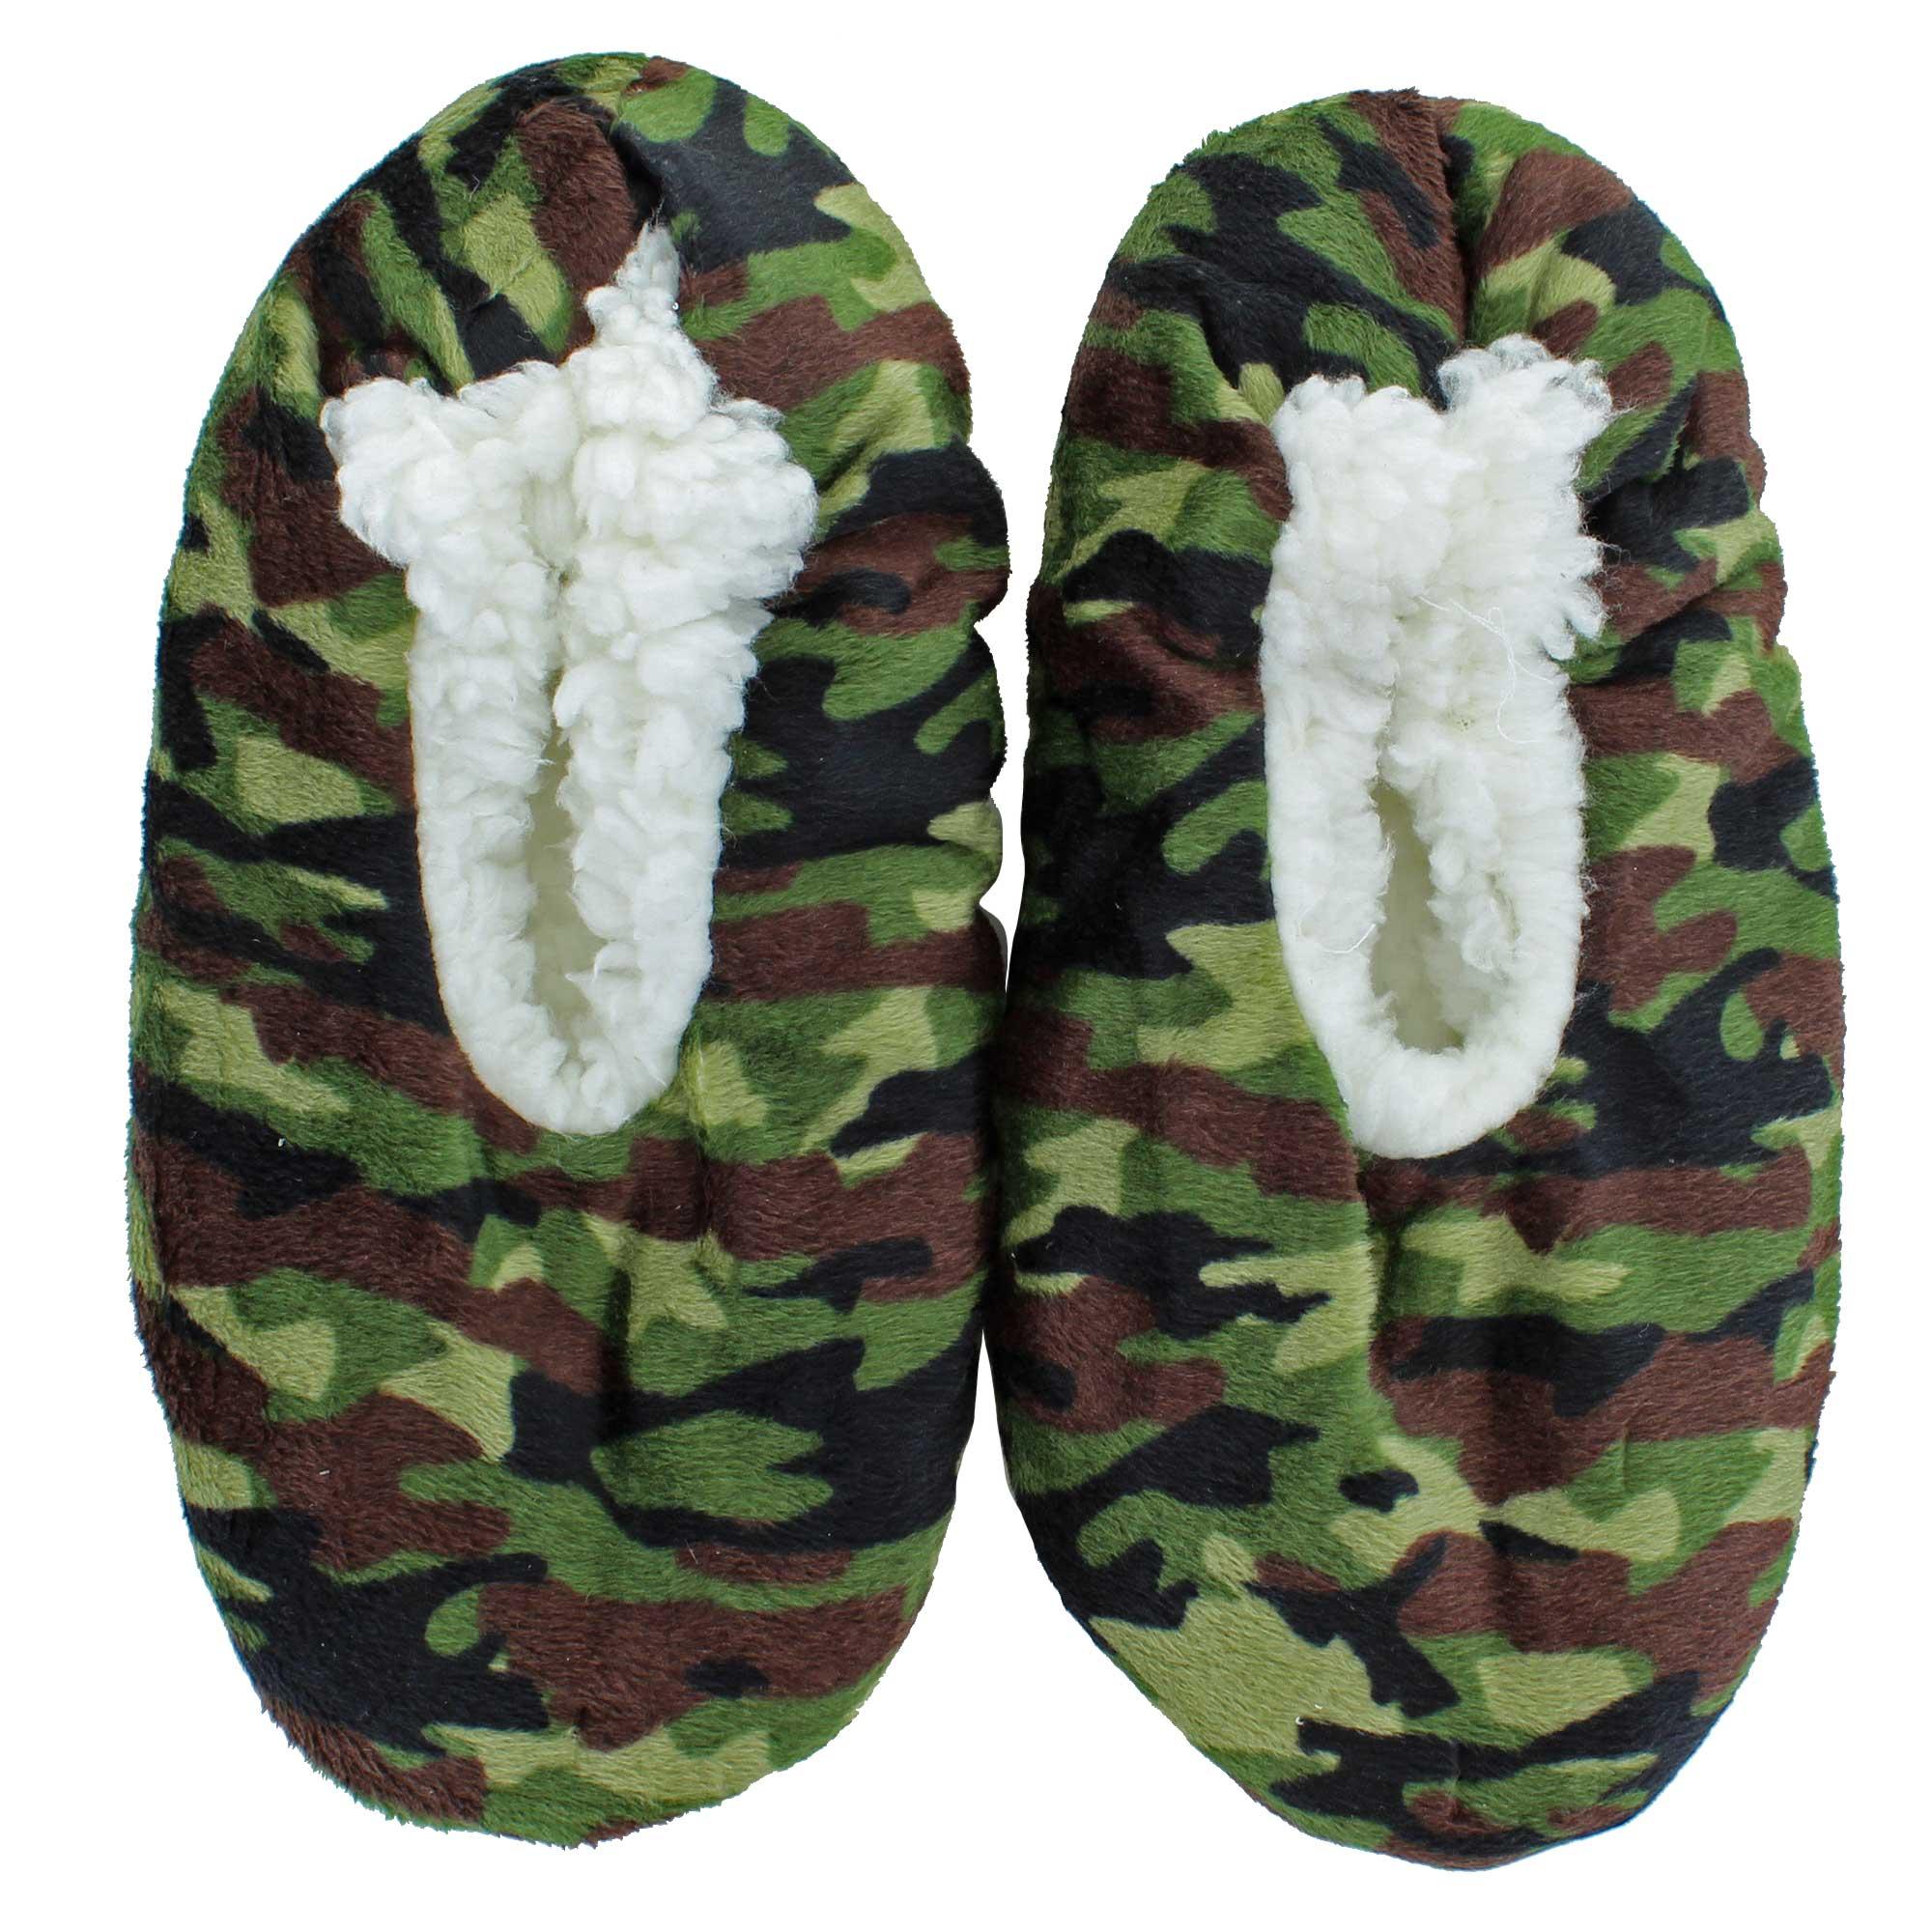 ff4e428e7594 Children s Fuzzy Babba® Slippers M L Fit 13-4